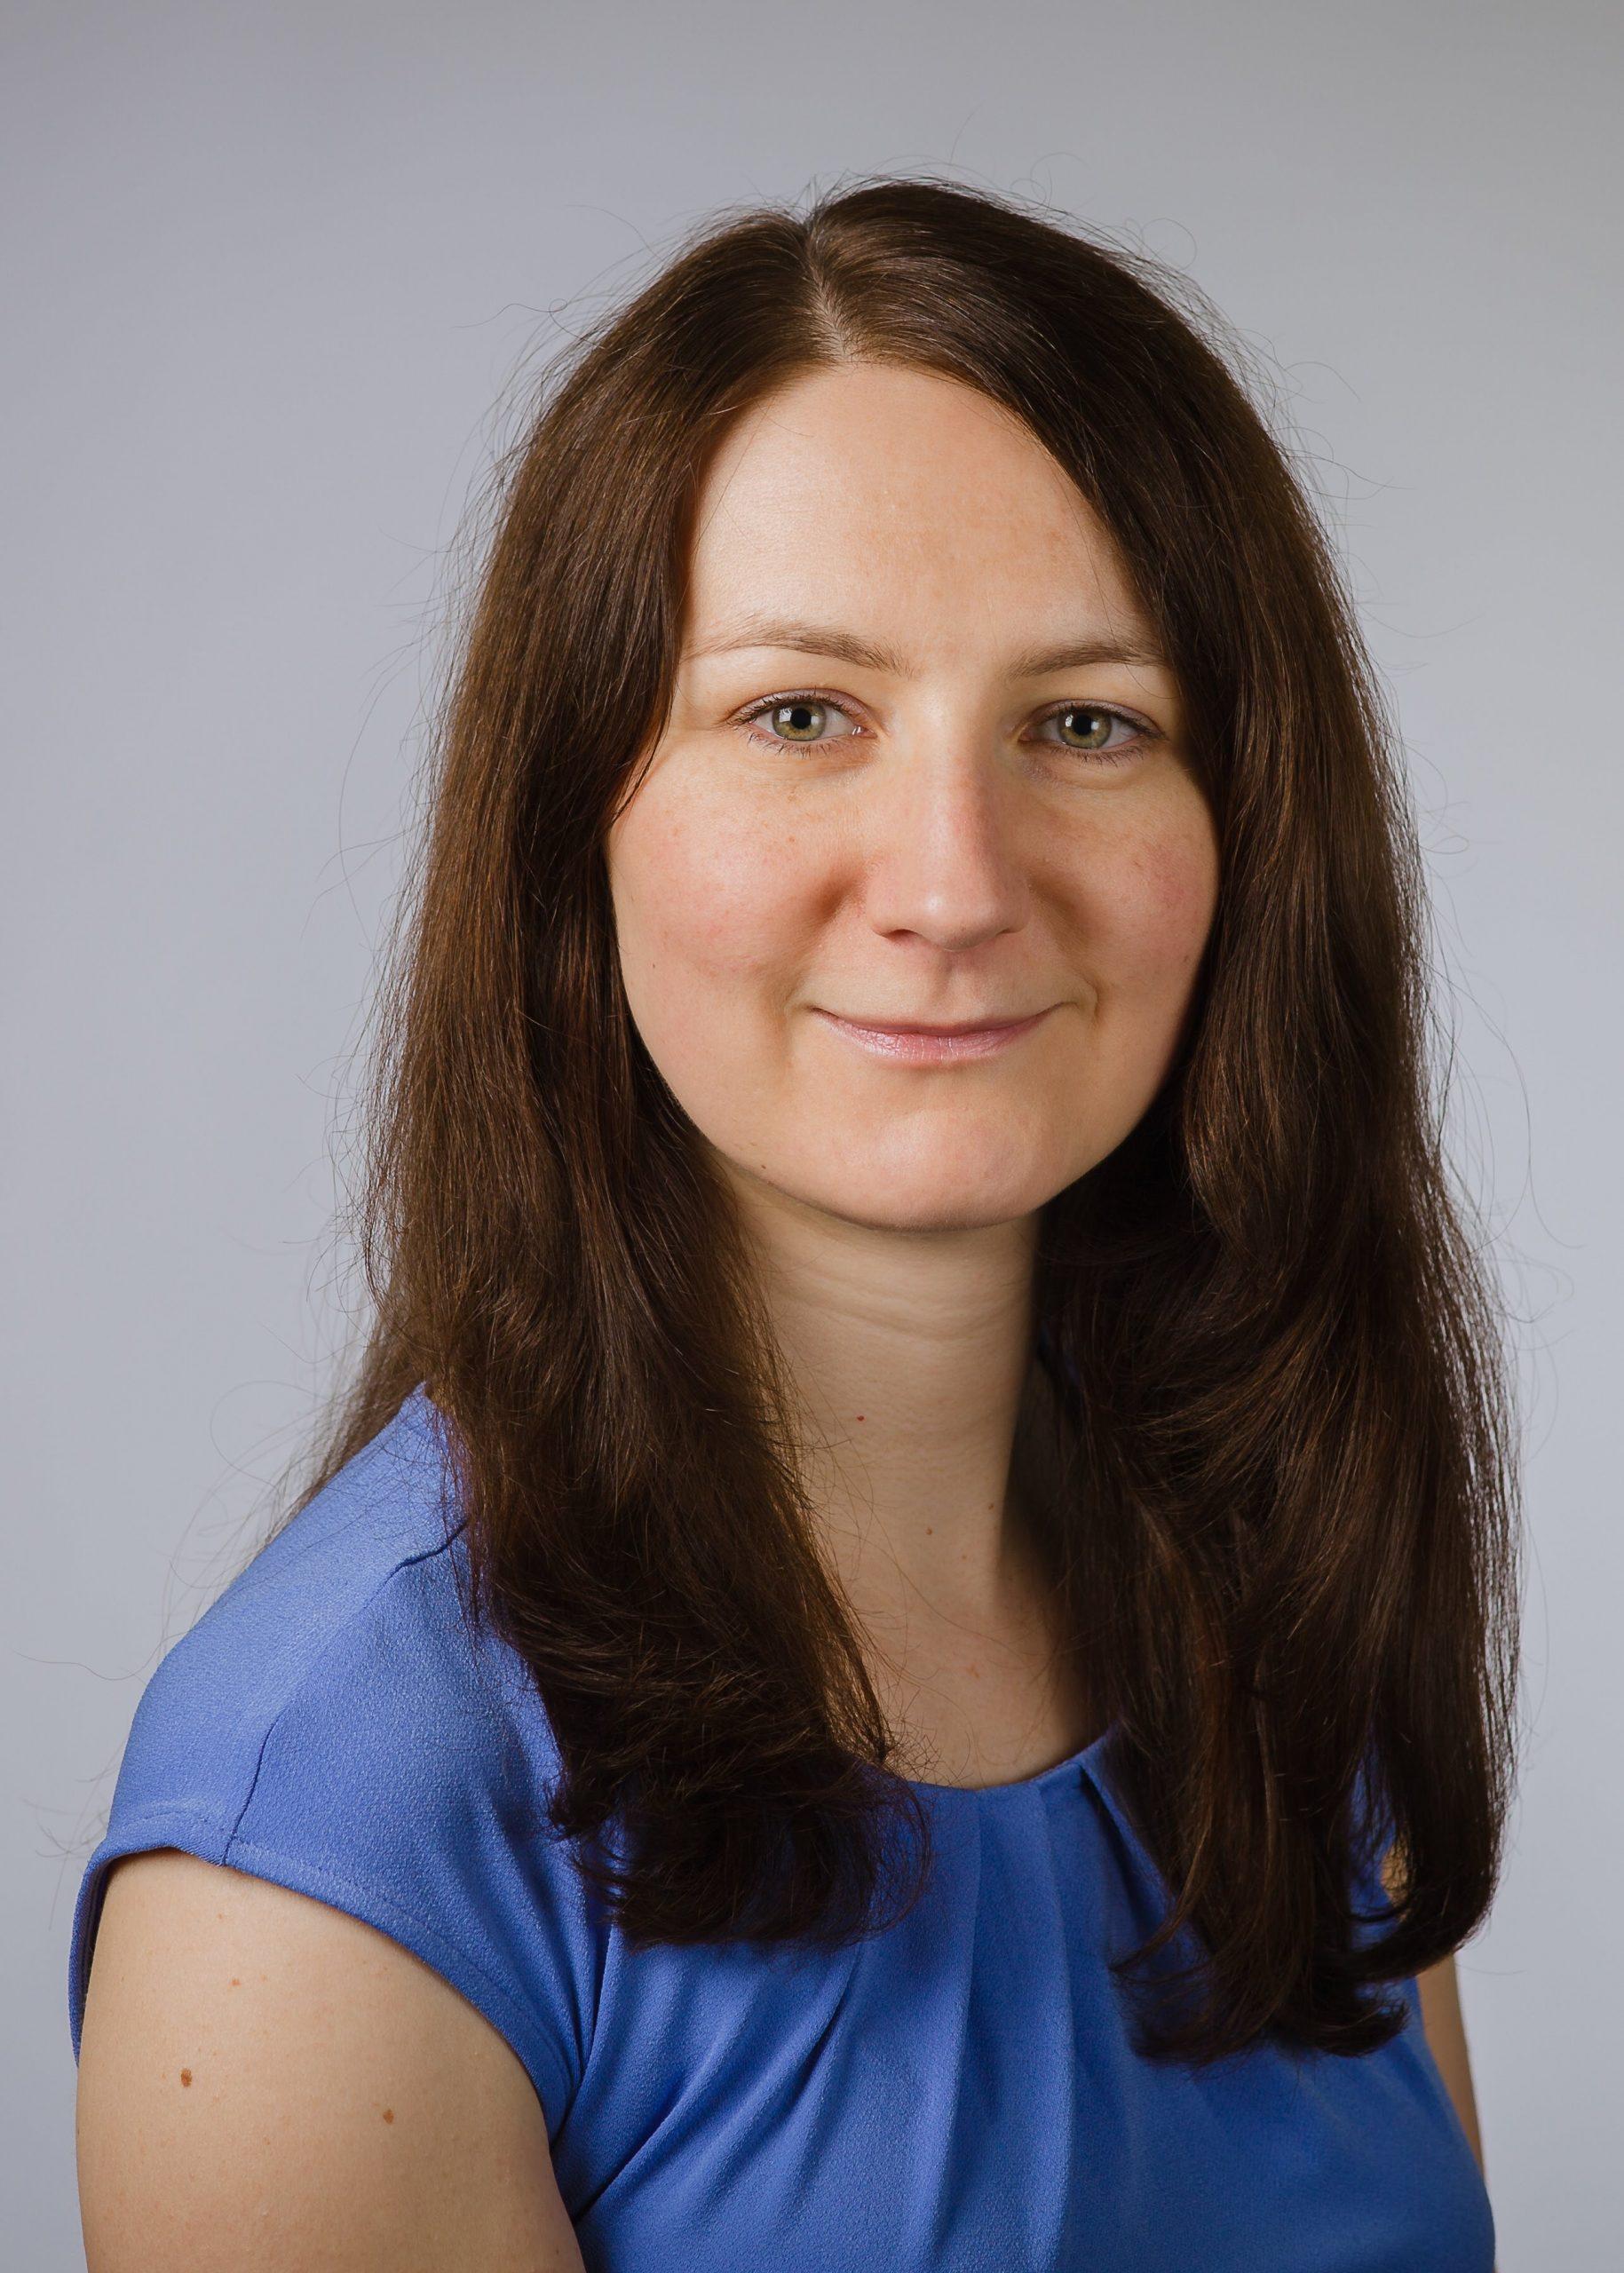 Aleksandra Foltynowicz